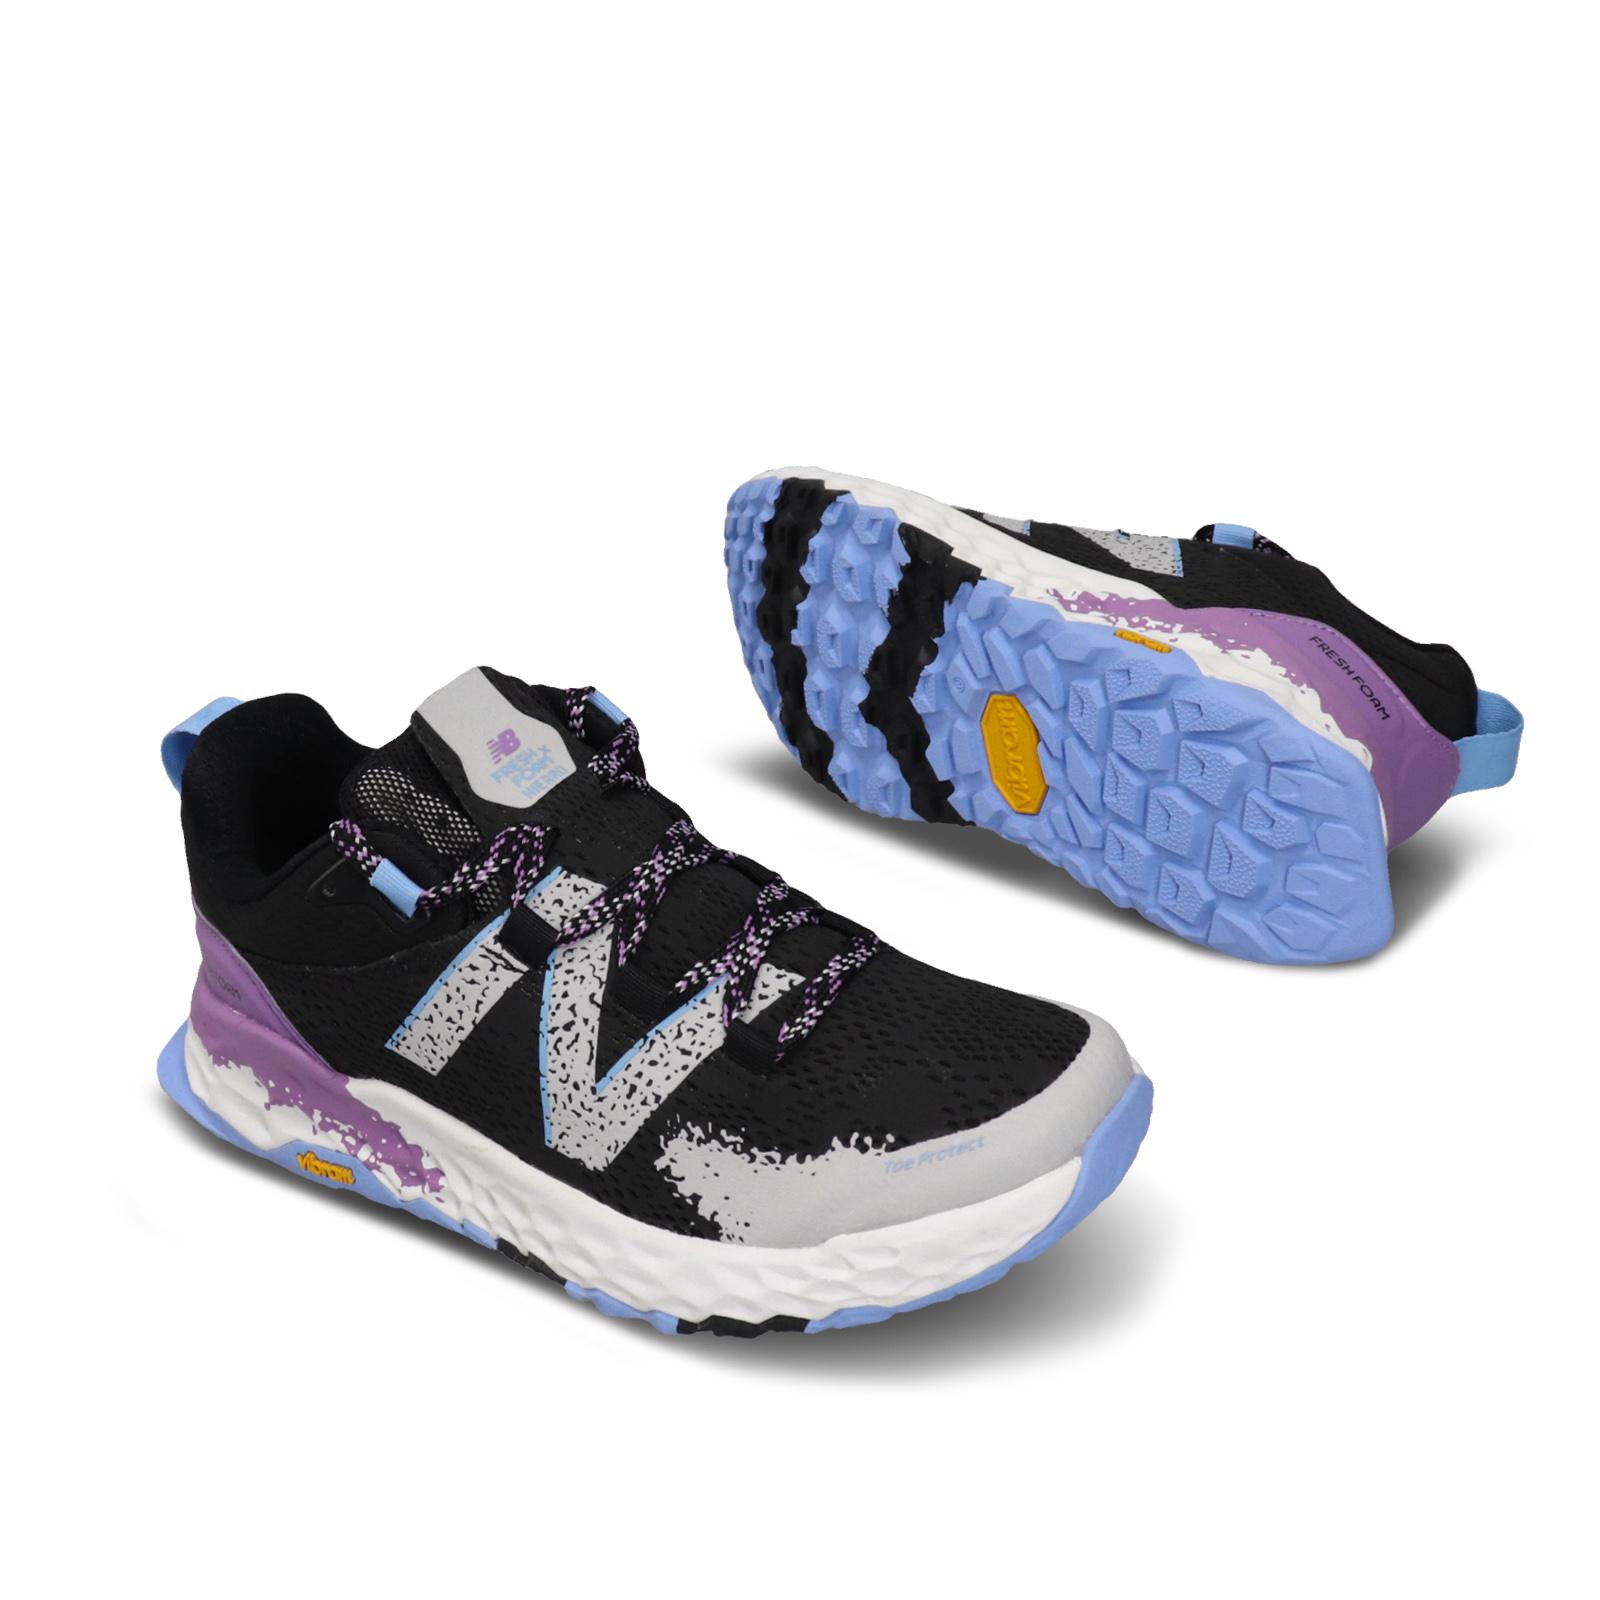 New Balance 慢跑鞋 Fresh Foam 寬楦 女鞋 WTHIERP5D|2020年最推薦的品牌都在friDay購物